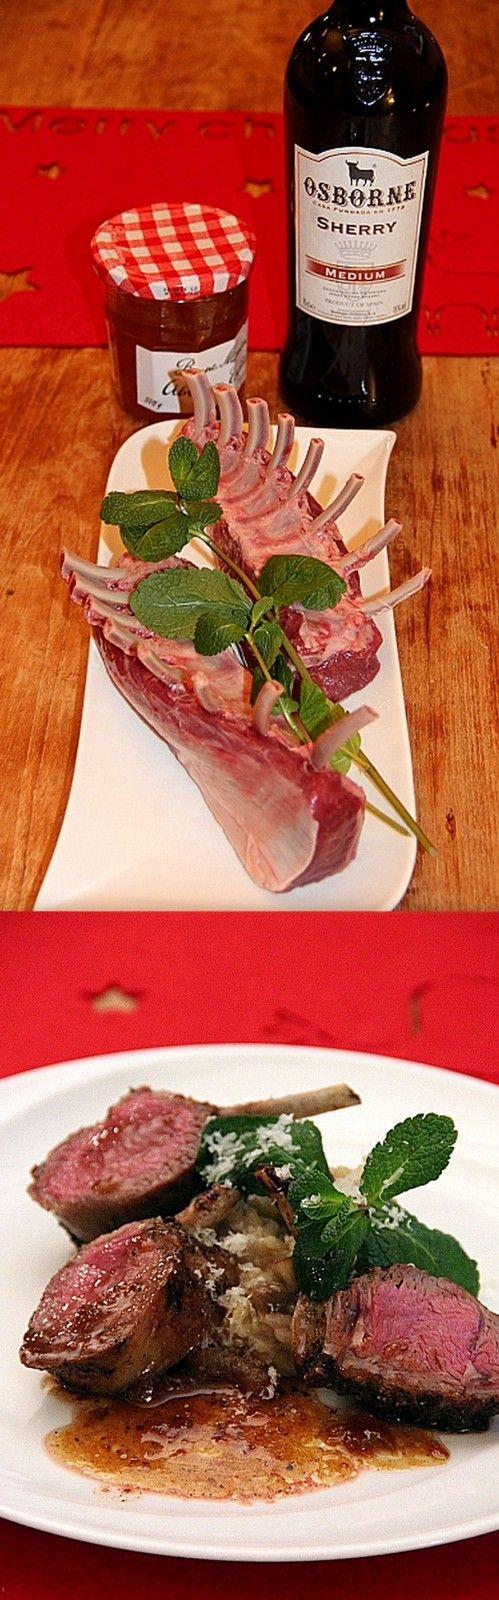 Lamsrack met munt-risotto en een jus van abrikozenjam en sherry.....heerlijk! Recept is van http://www.ah.nl/allerhande/recepten/71036/kruidige-lamsrack-met-munt-risotto-en-abrikozenjus